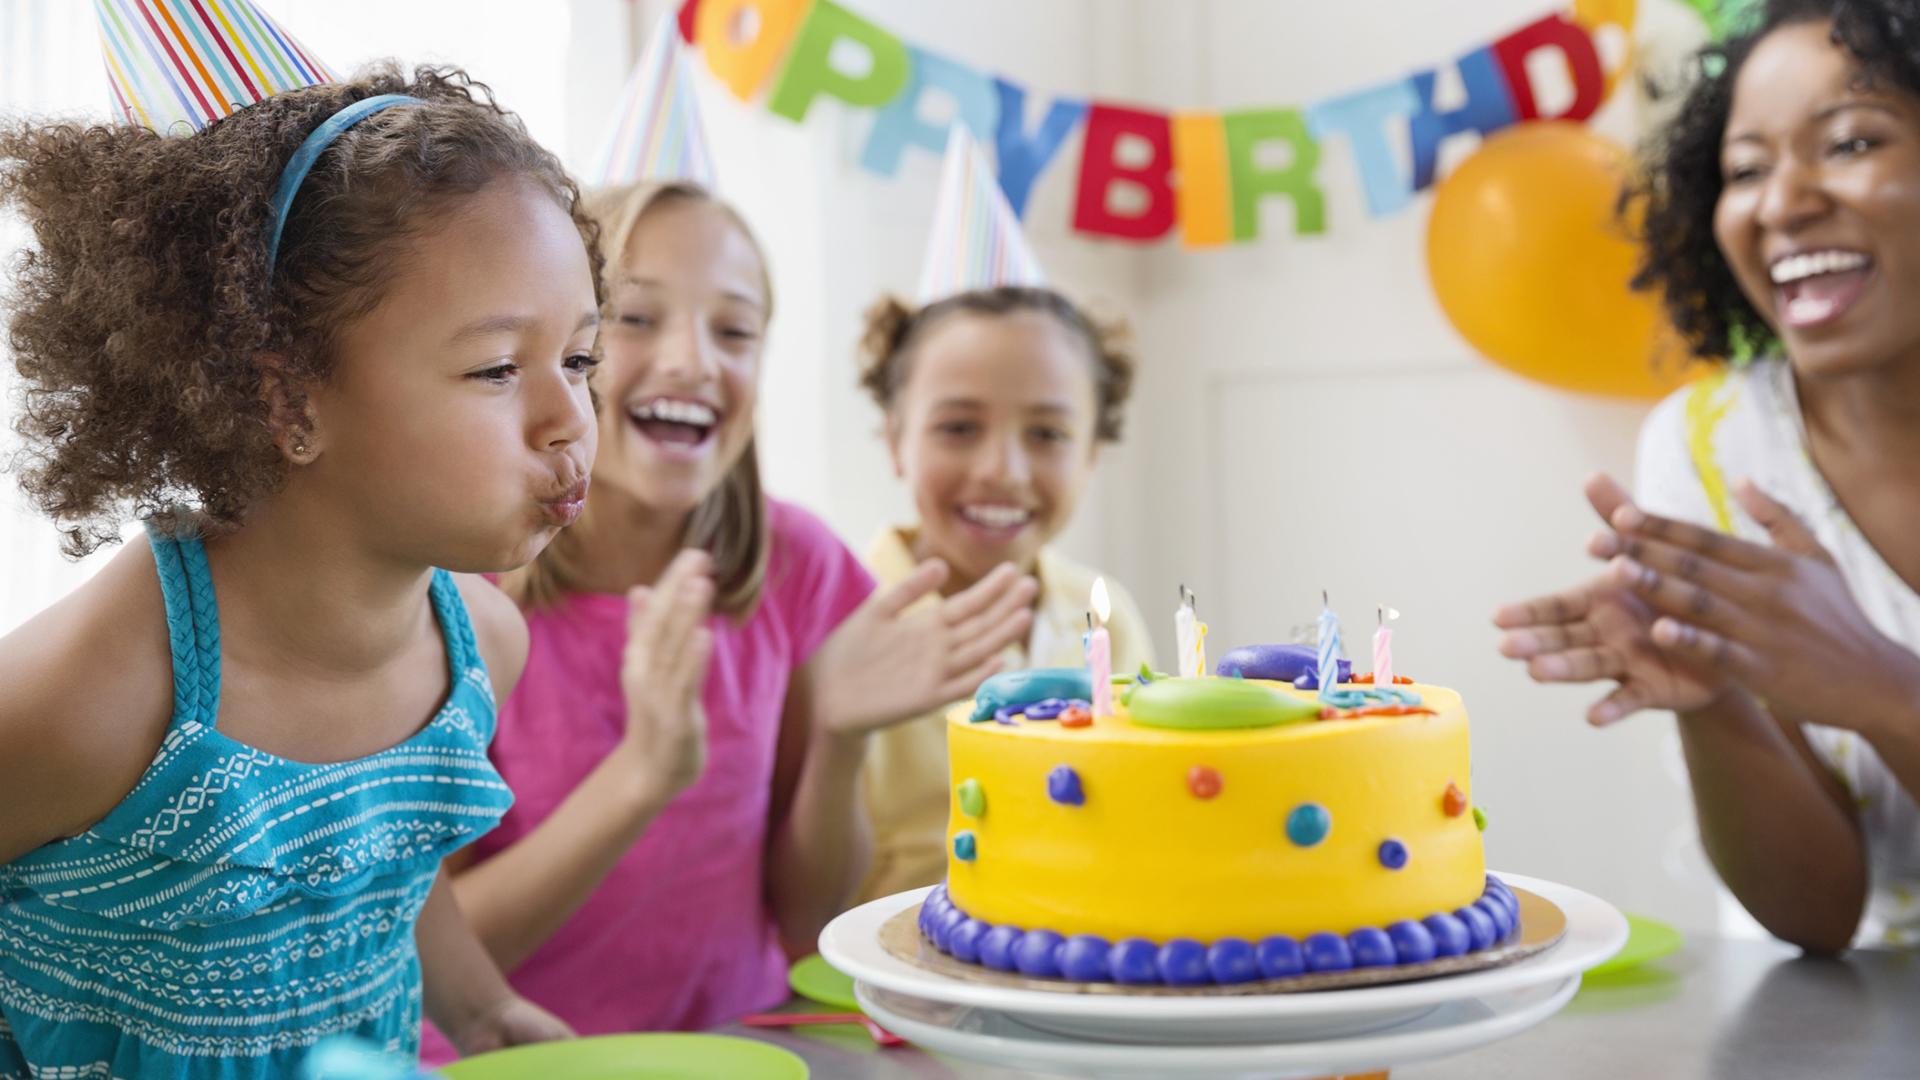 Children celebrating birthday | Sheknows.com